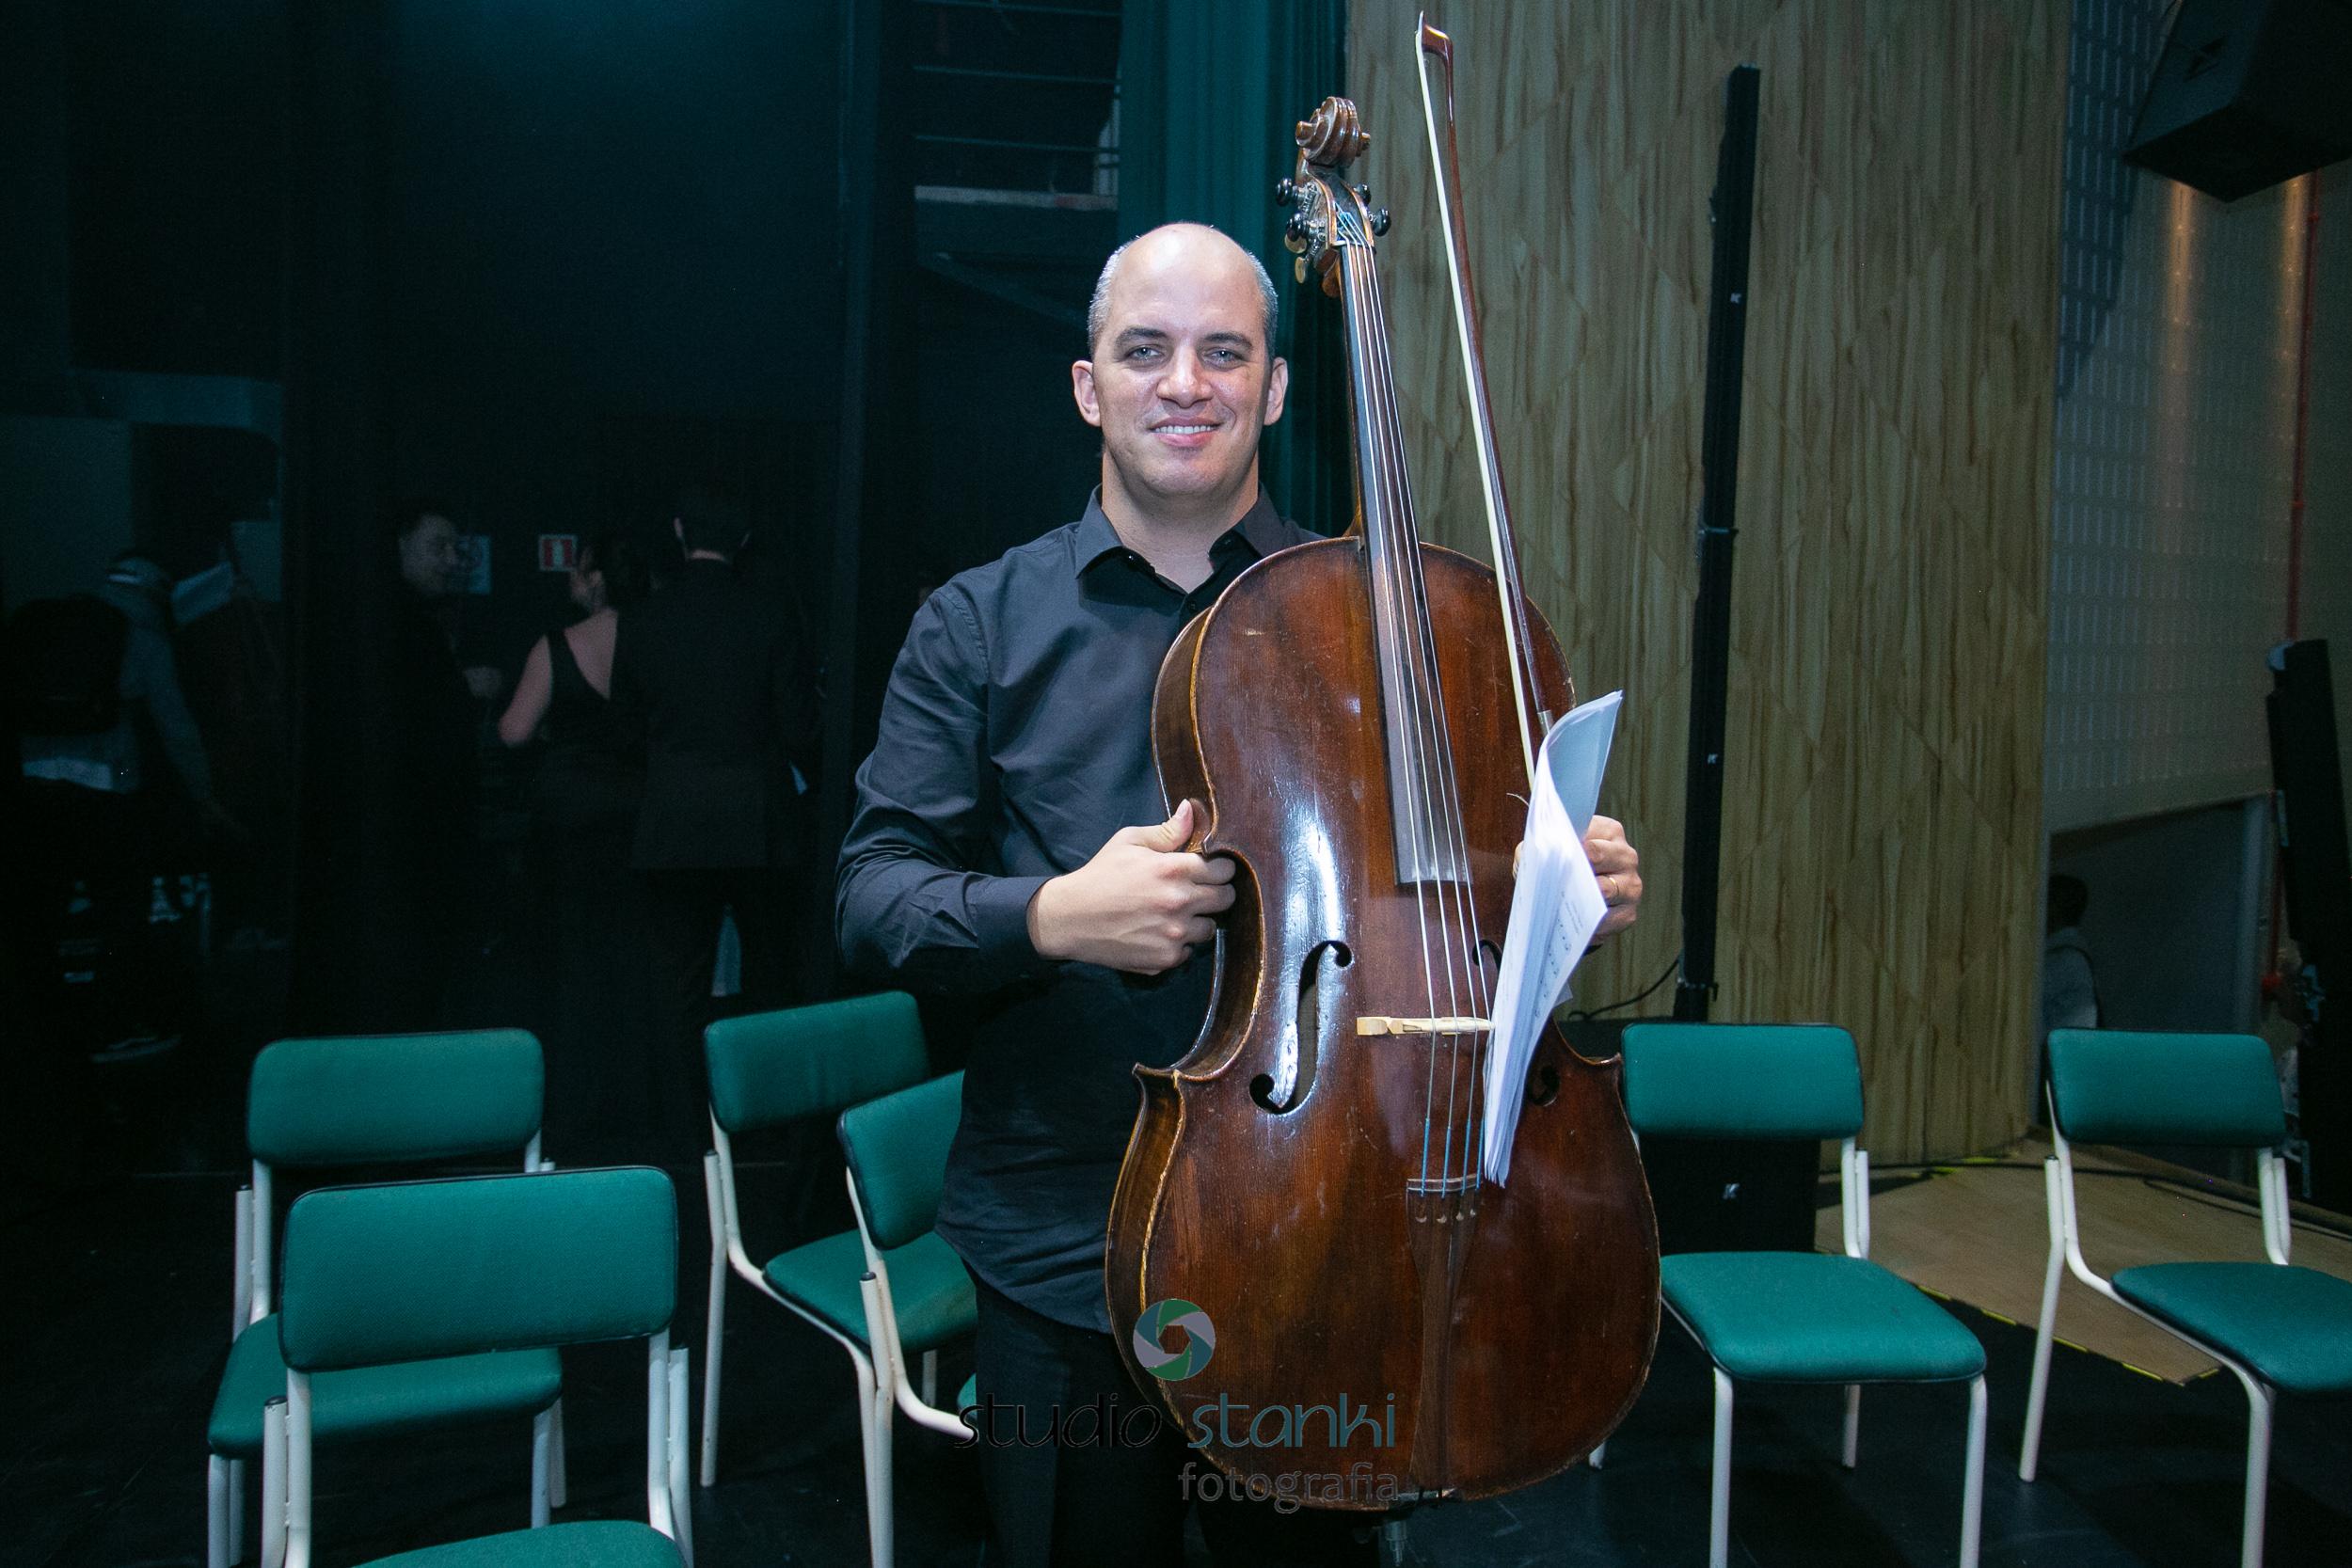 Mateus Nunes Brandão